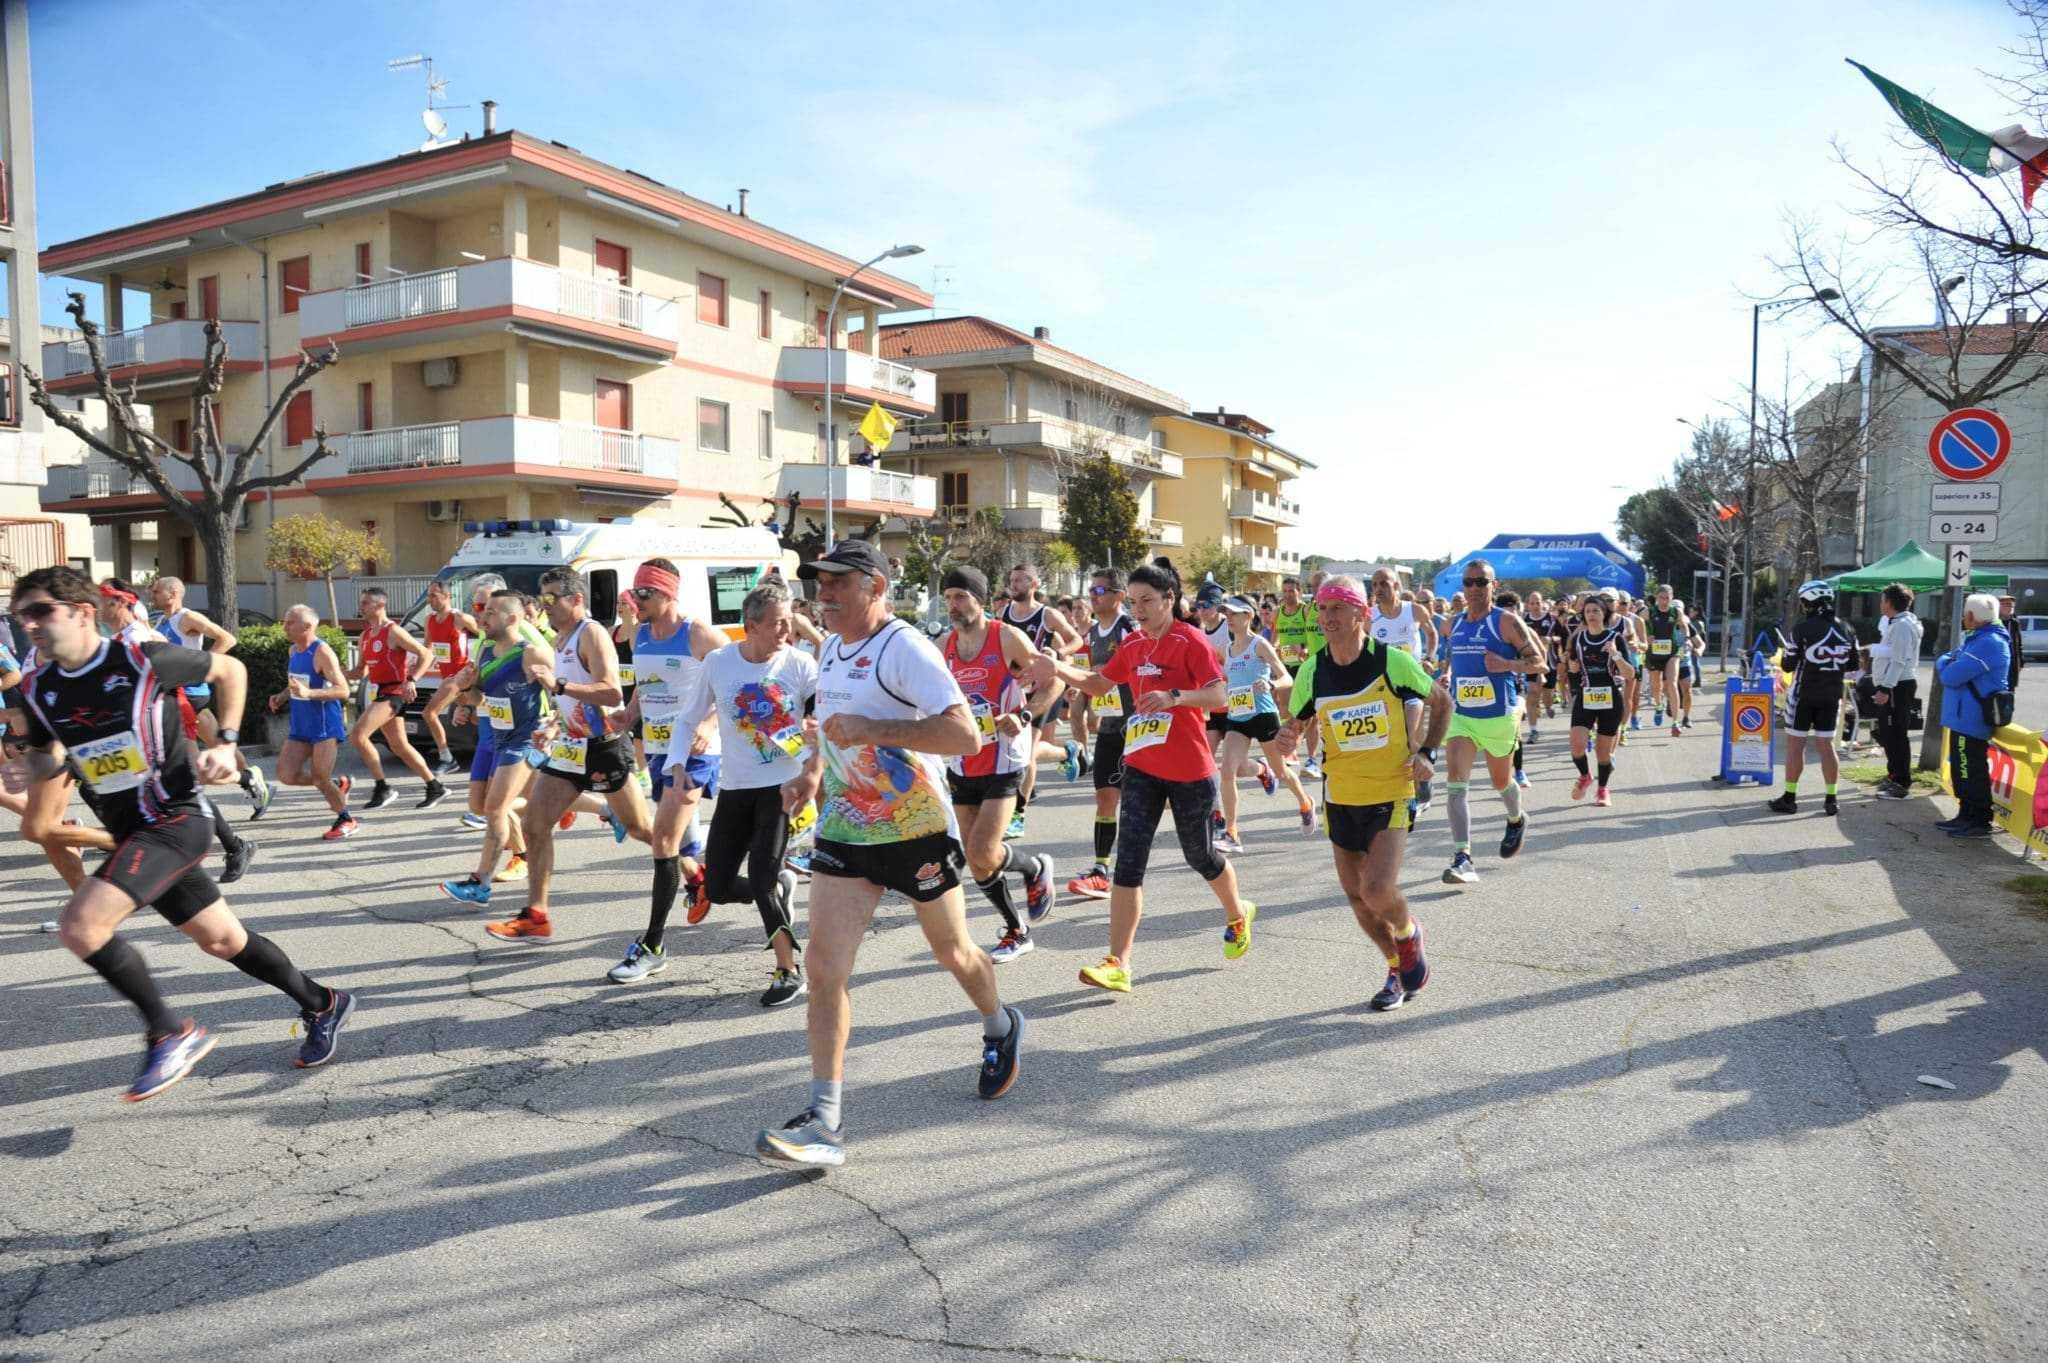 """Podismo, tutto pronto per la 19esima edizione del """"Trofeo Città di Martinsicuro"""""""